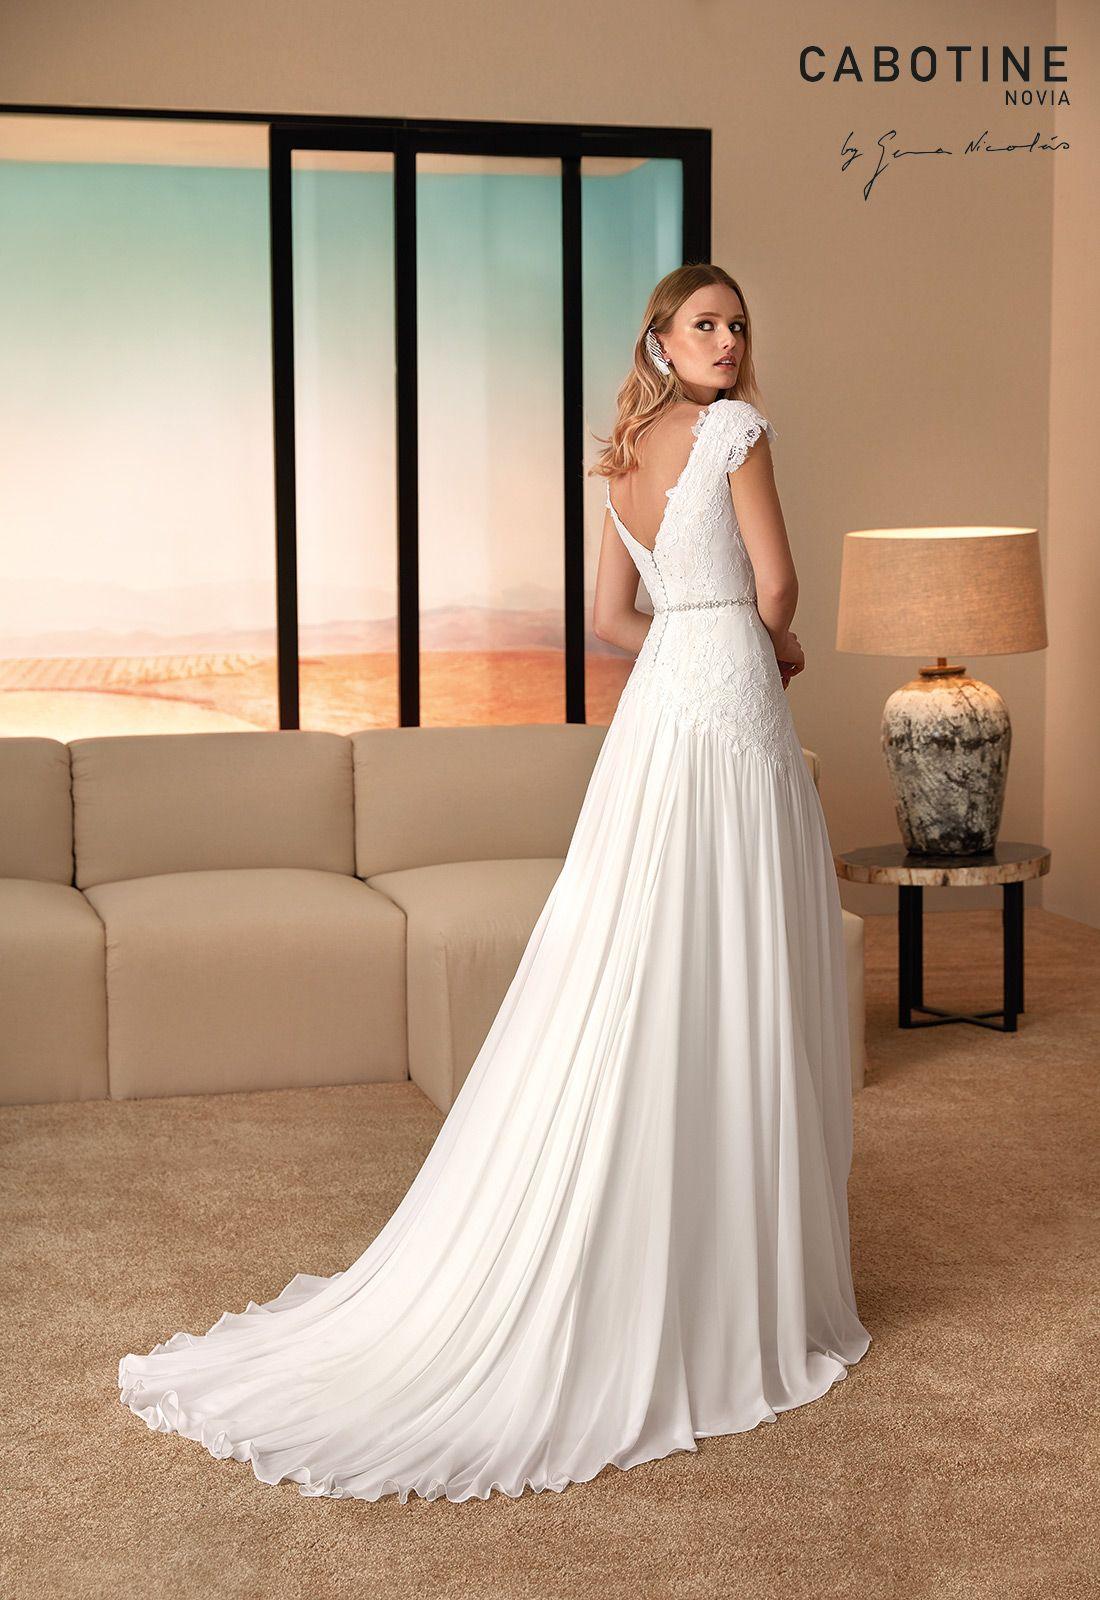 Cabotine Novia 2019 Ontario Dresses Fashion Wedding Dresses